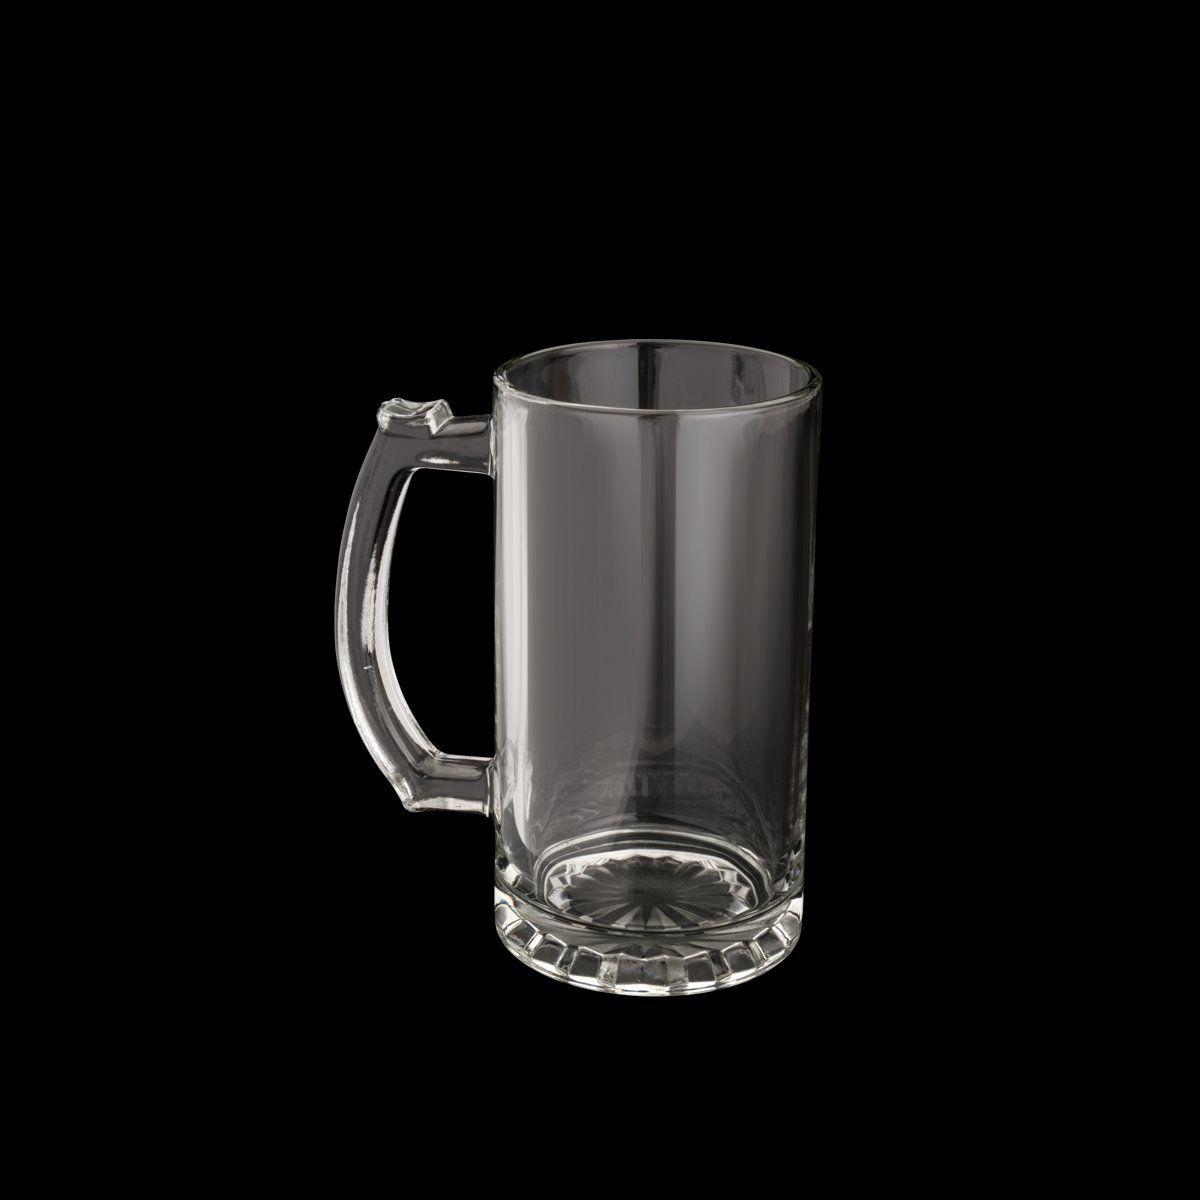 Caneca 450ml para chopp e cerveja de vidro transparente com alça Germany Lyor - L67041